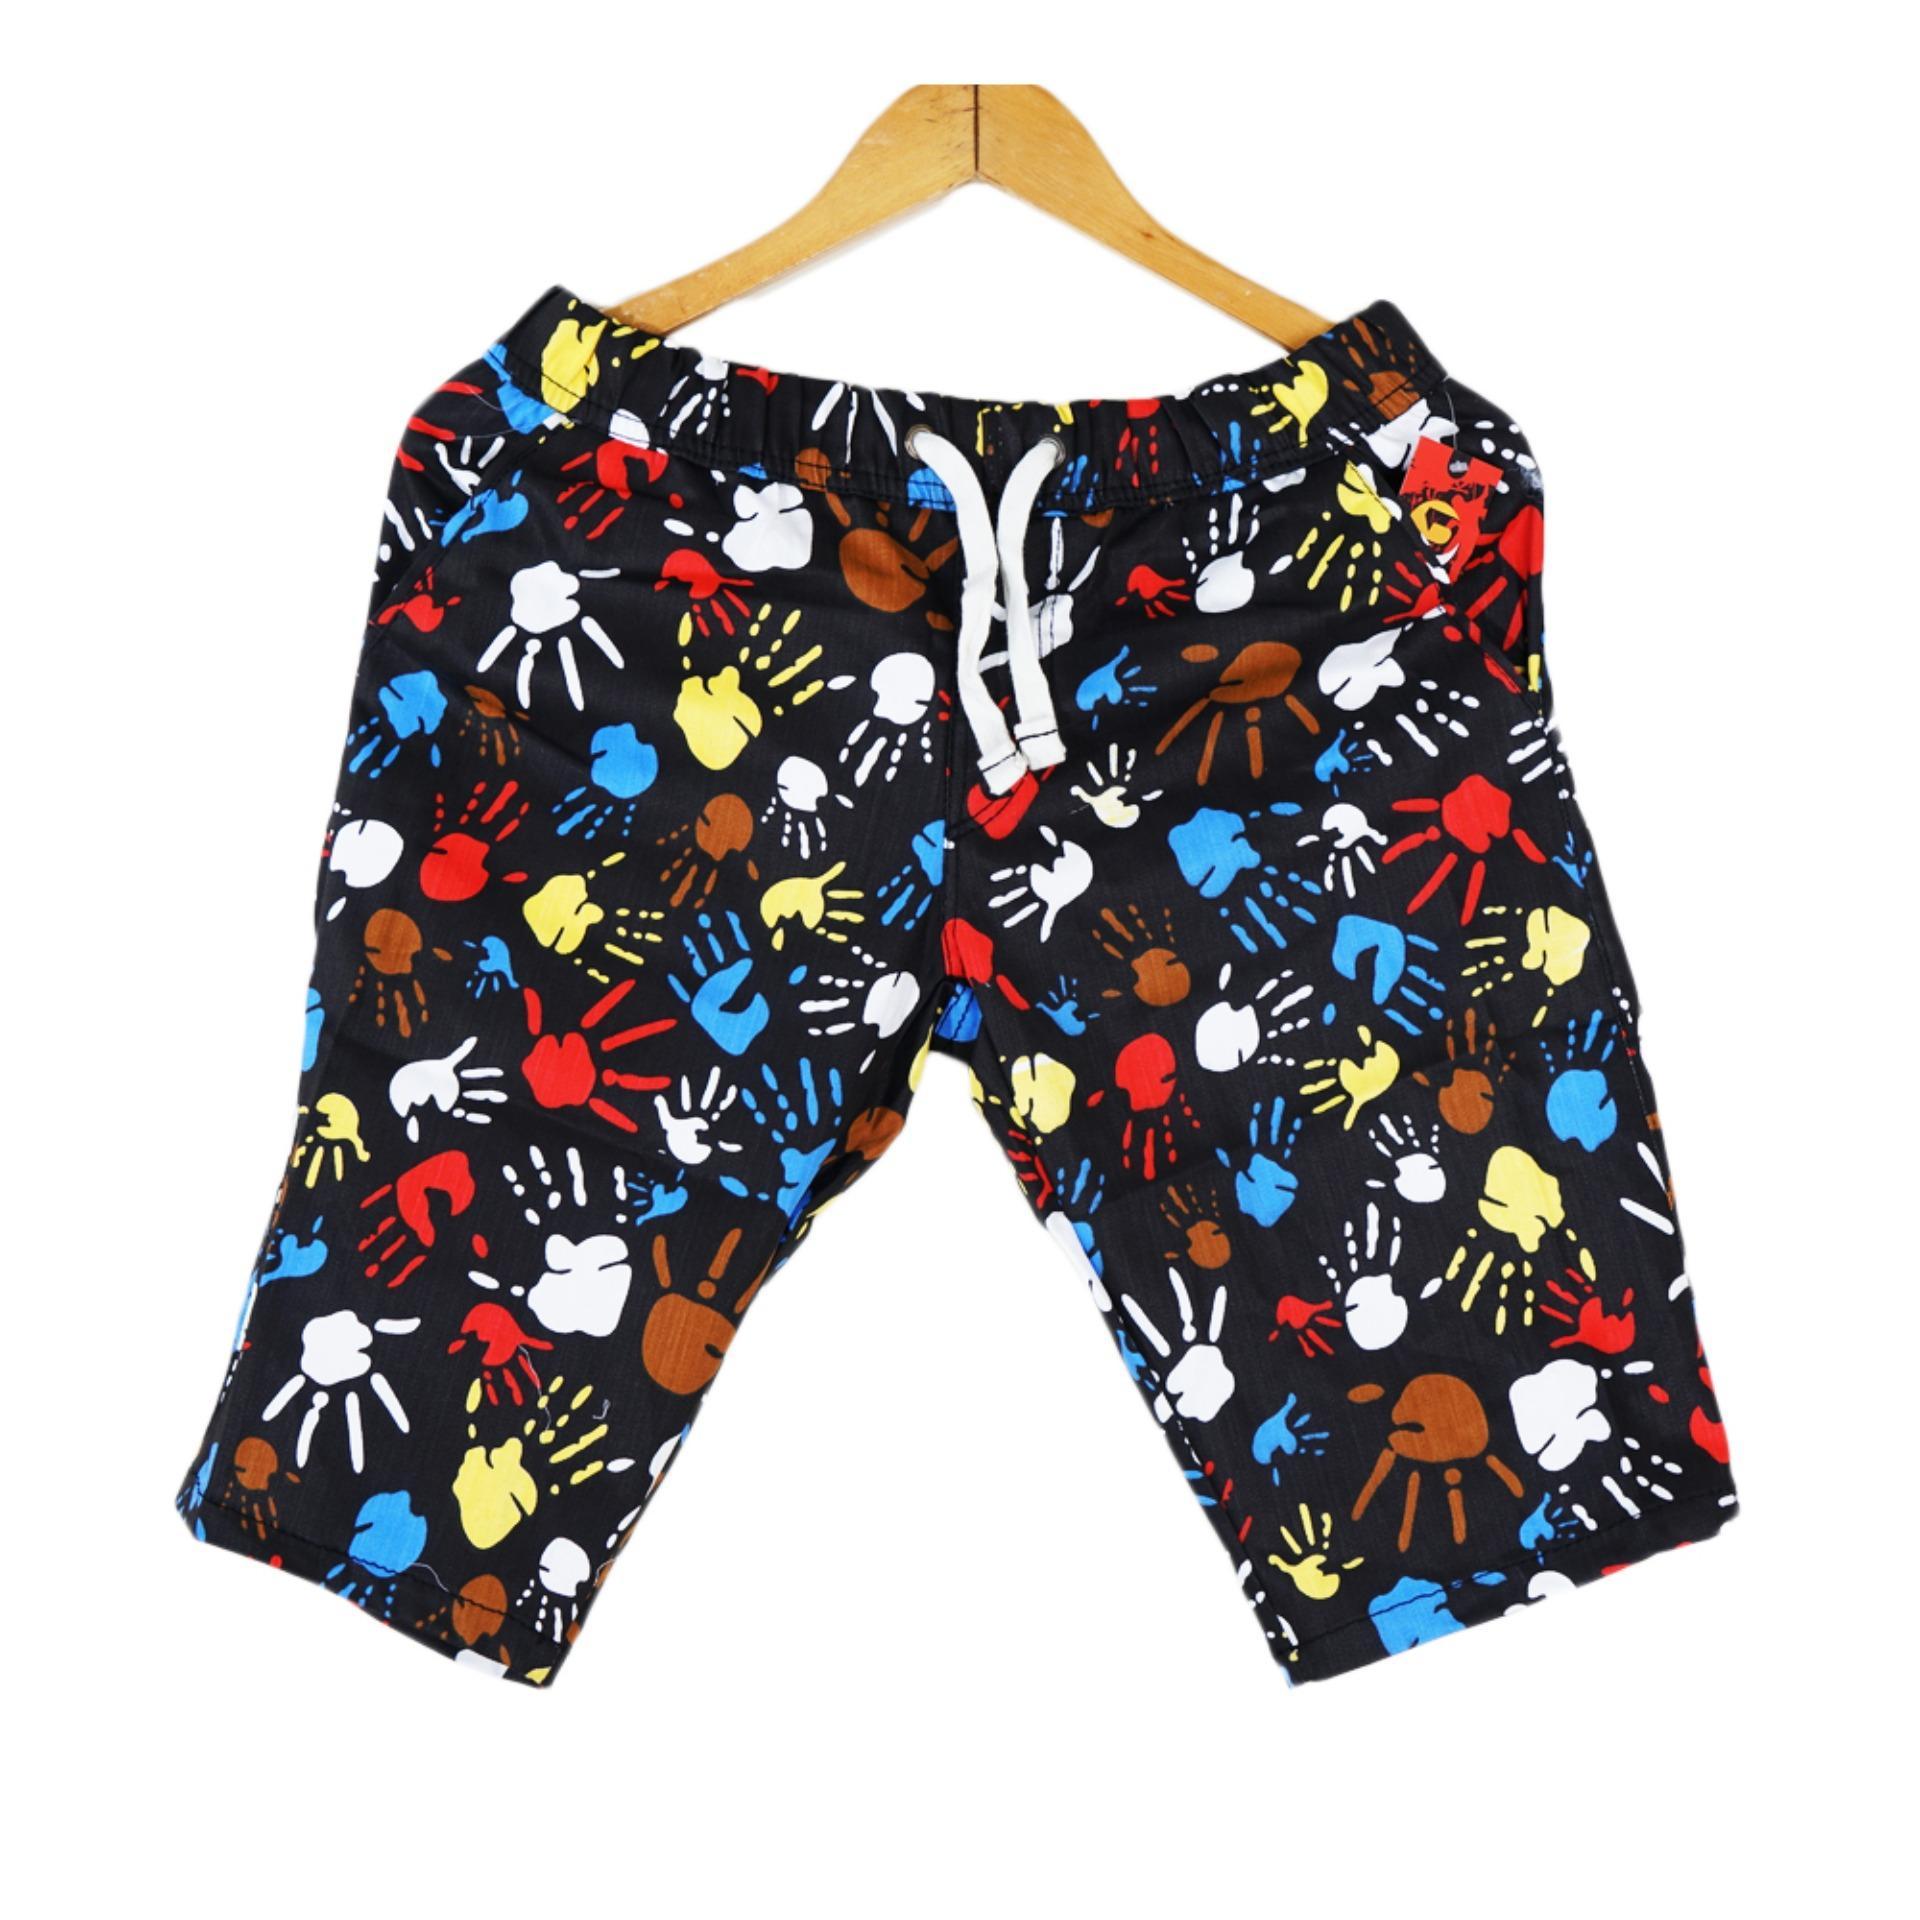 Dapurbunda Munafie Slim Pant Celana Korset All Size Hitam A147 Berry Original Slimming Pants 5 Vanwin Pendek Pria Printing Santai Tangan Hand Motif